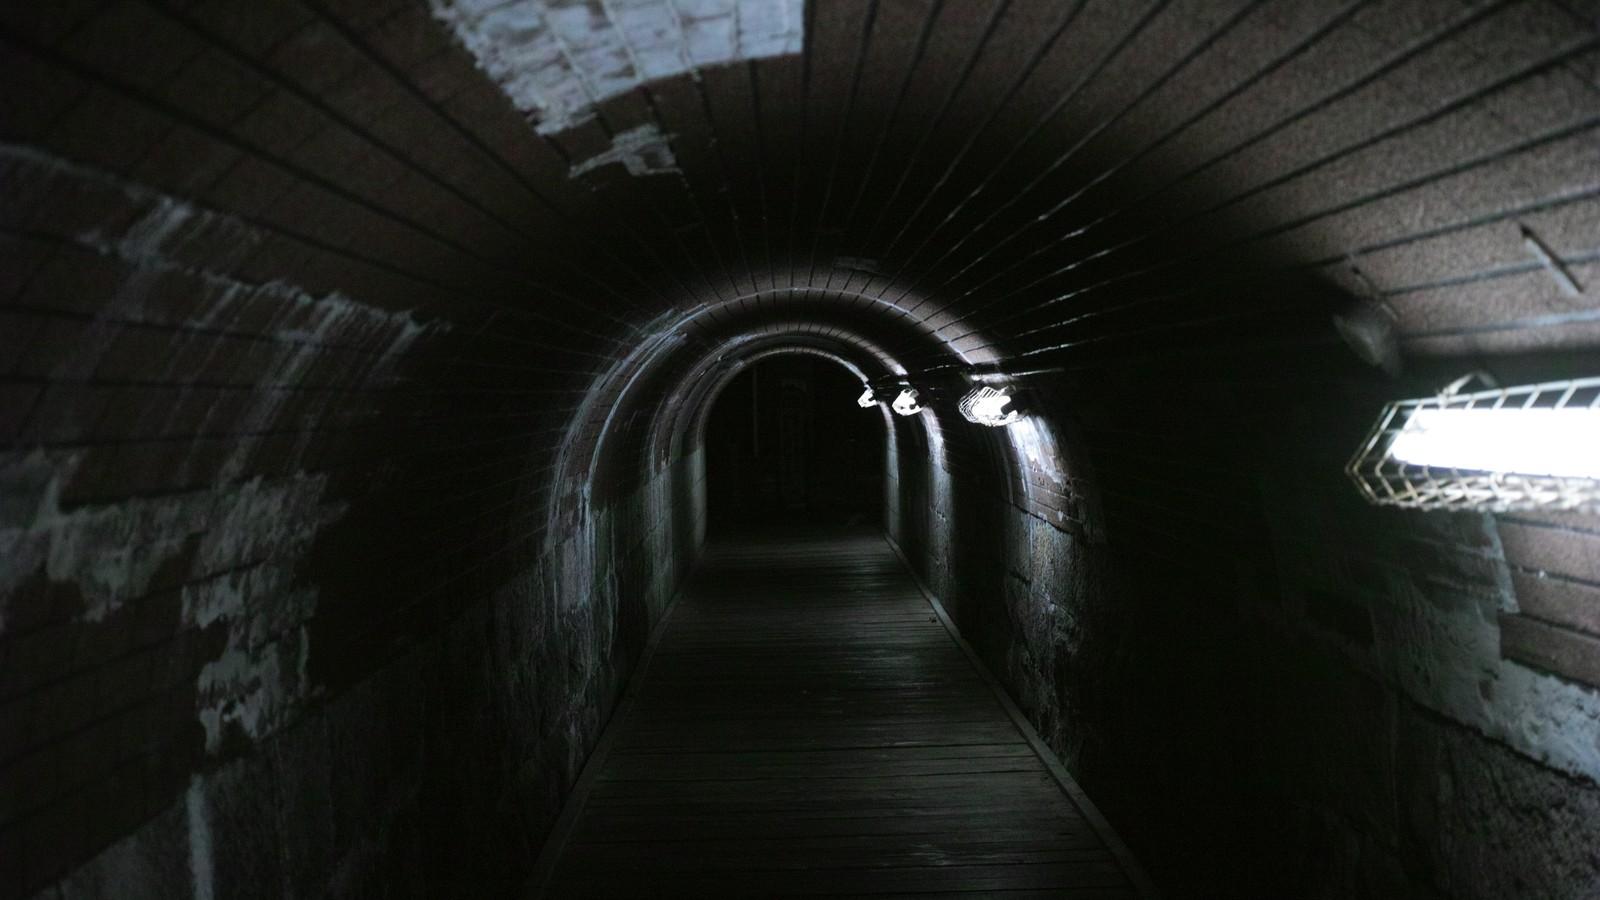 牛首トンネルは地蔵の怪奇現象で有名!石川随一の心霊スポット!